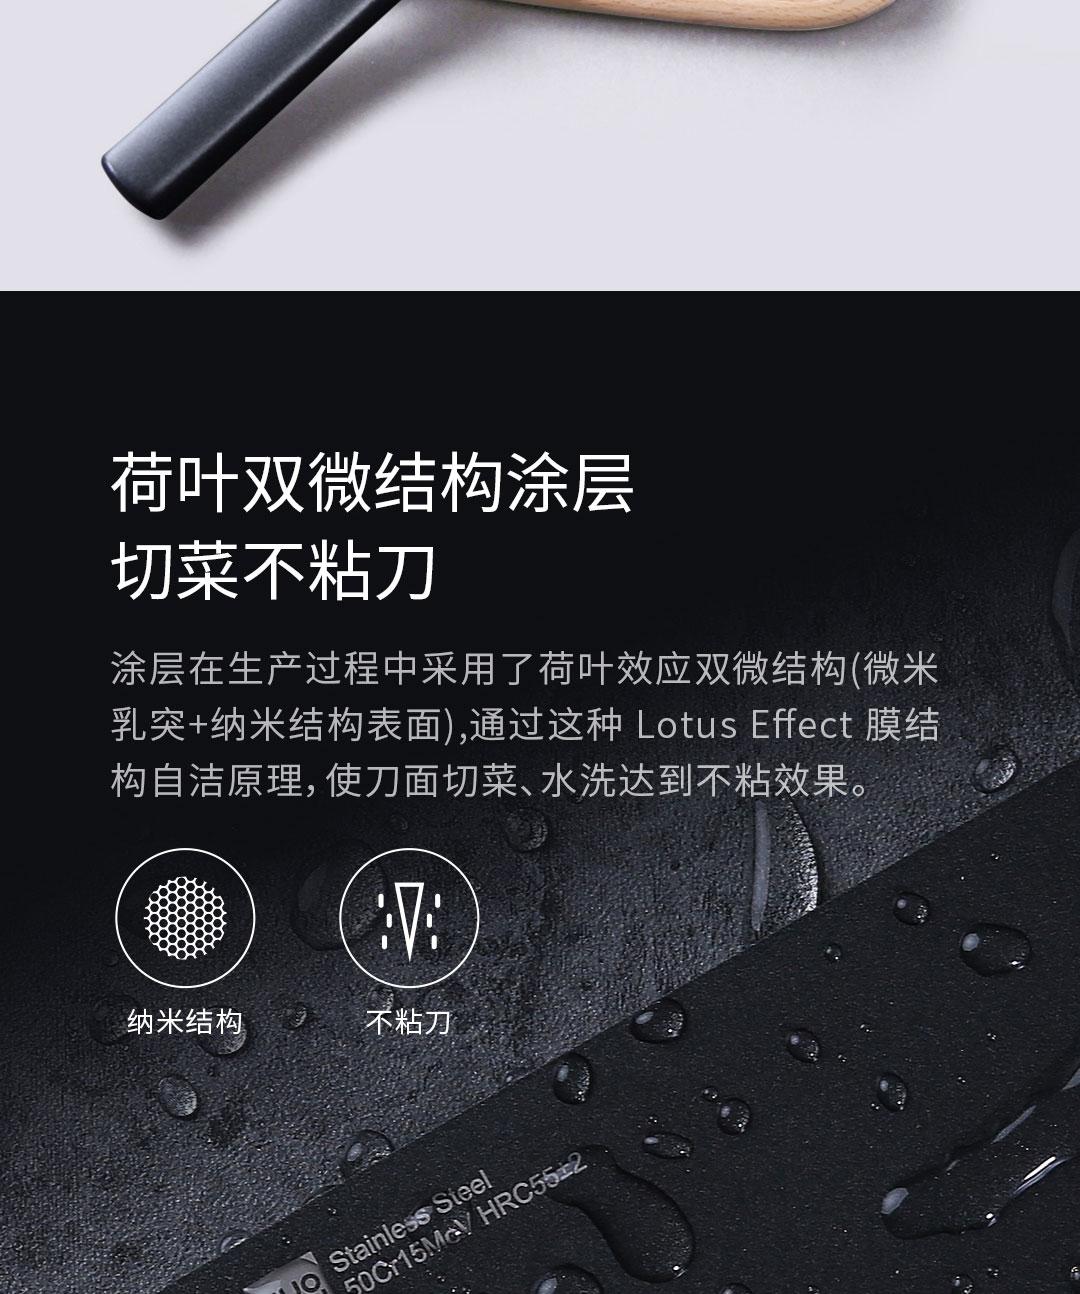 火候 酷黑不粘钢刀组合 中高端钼钒钢材料制作 图3